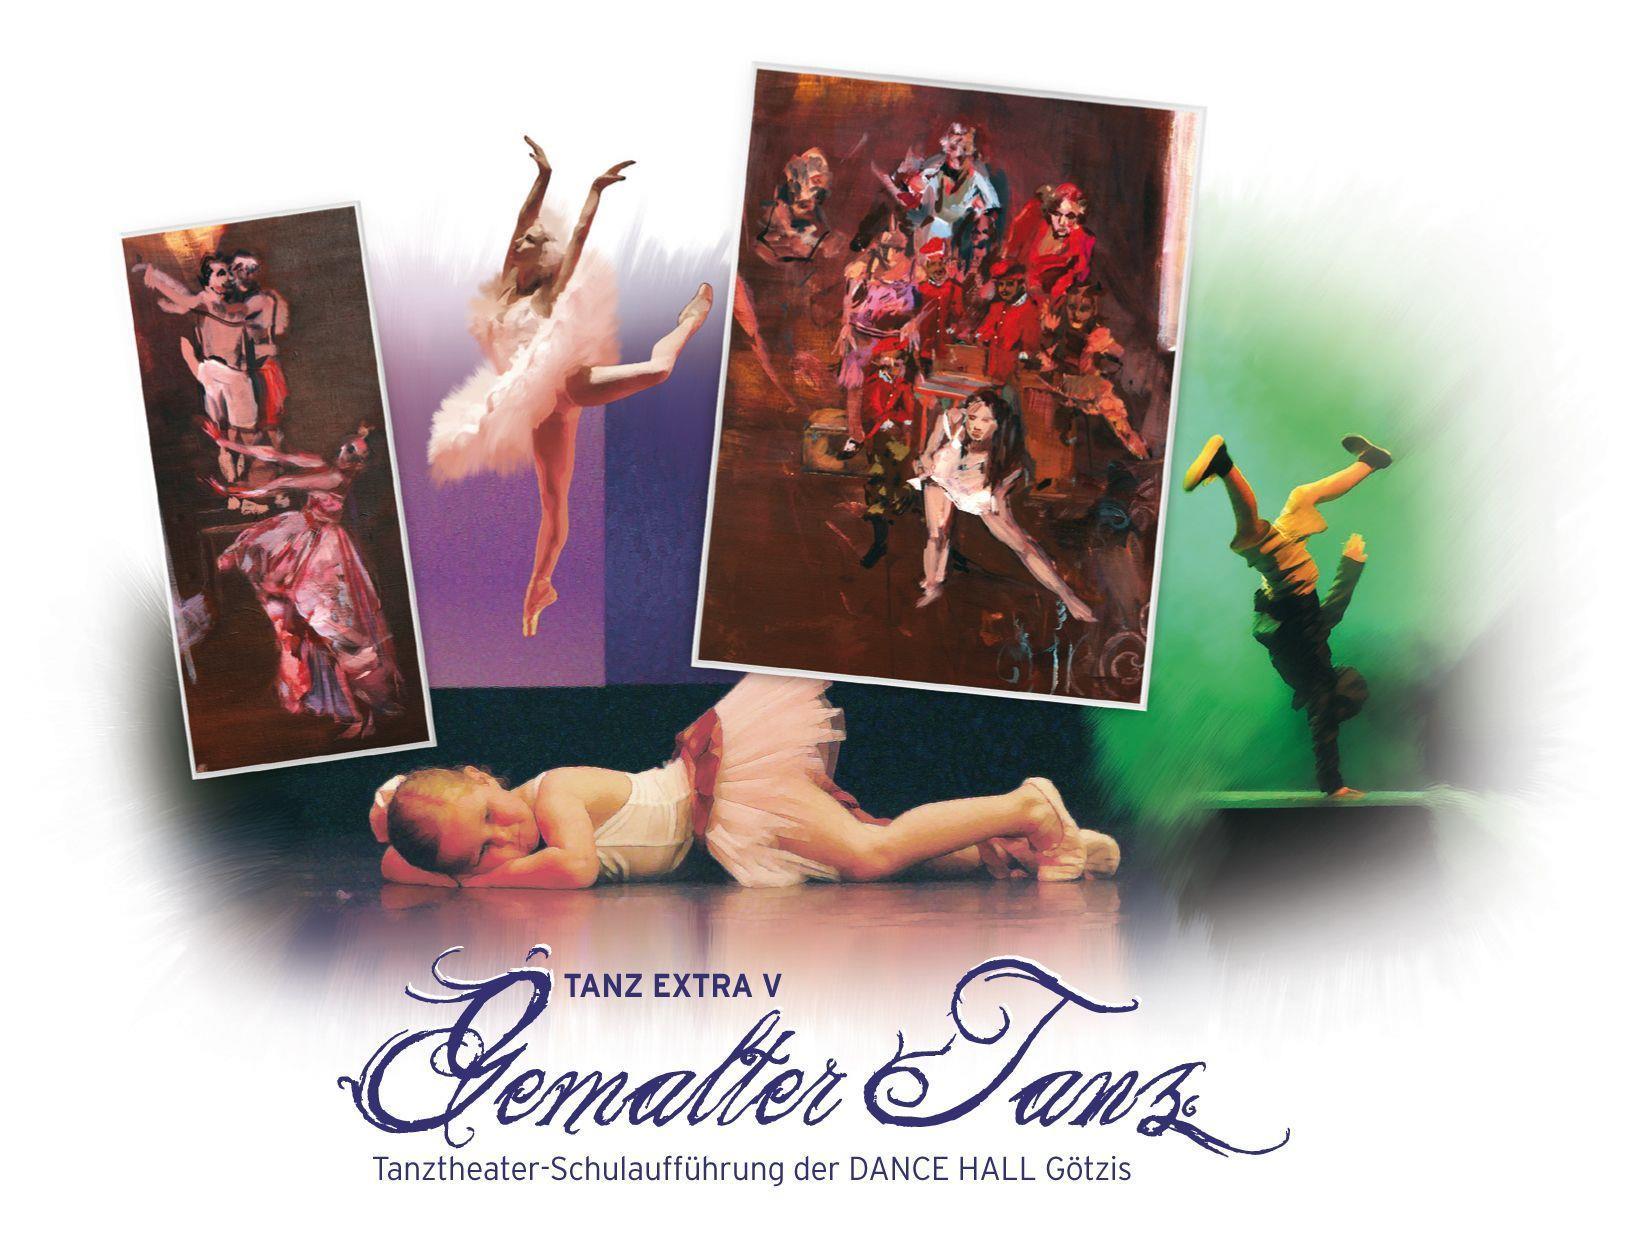 Tanz Extra V: Tanzperformance in Zusammenarbeit mit der Götzner Künstlerin Johanna Berchtold